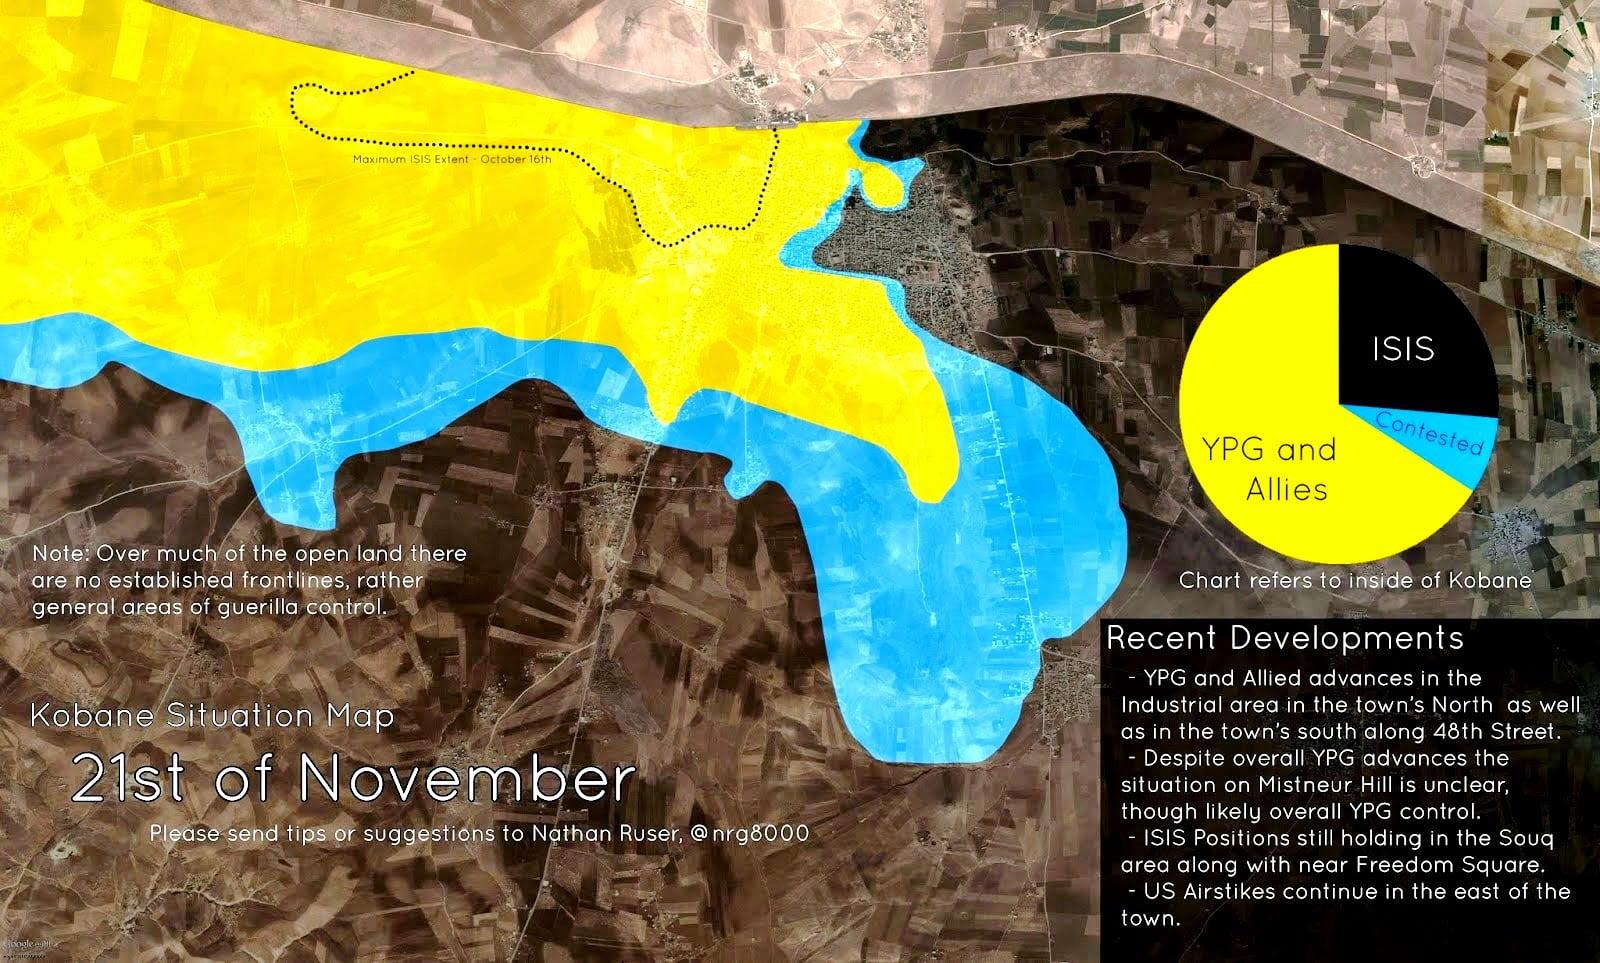 Ο Χάρτης που δείχνει τη μεγάλη ανατροπή στο Κομπάνε